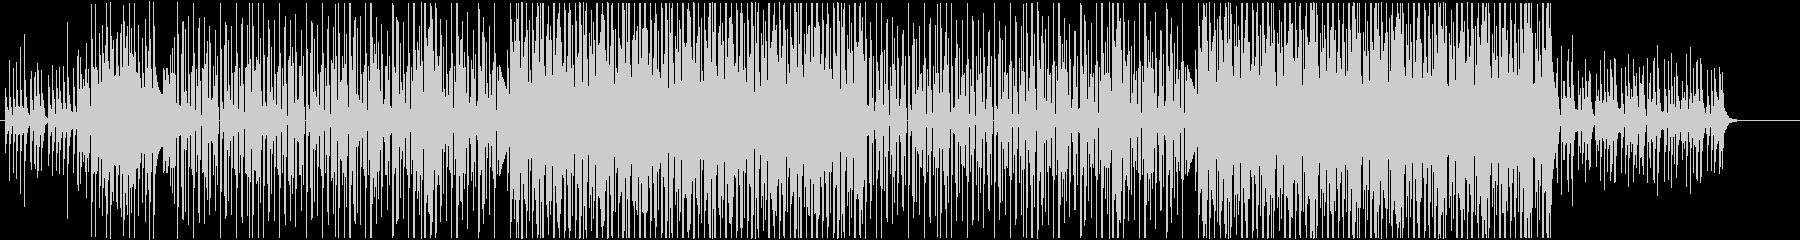 洋楽ラテン、レゲエ、パーティービート♫の未再生の波形